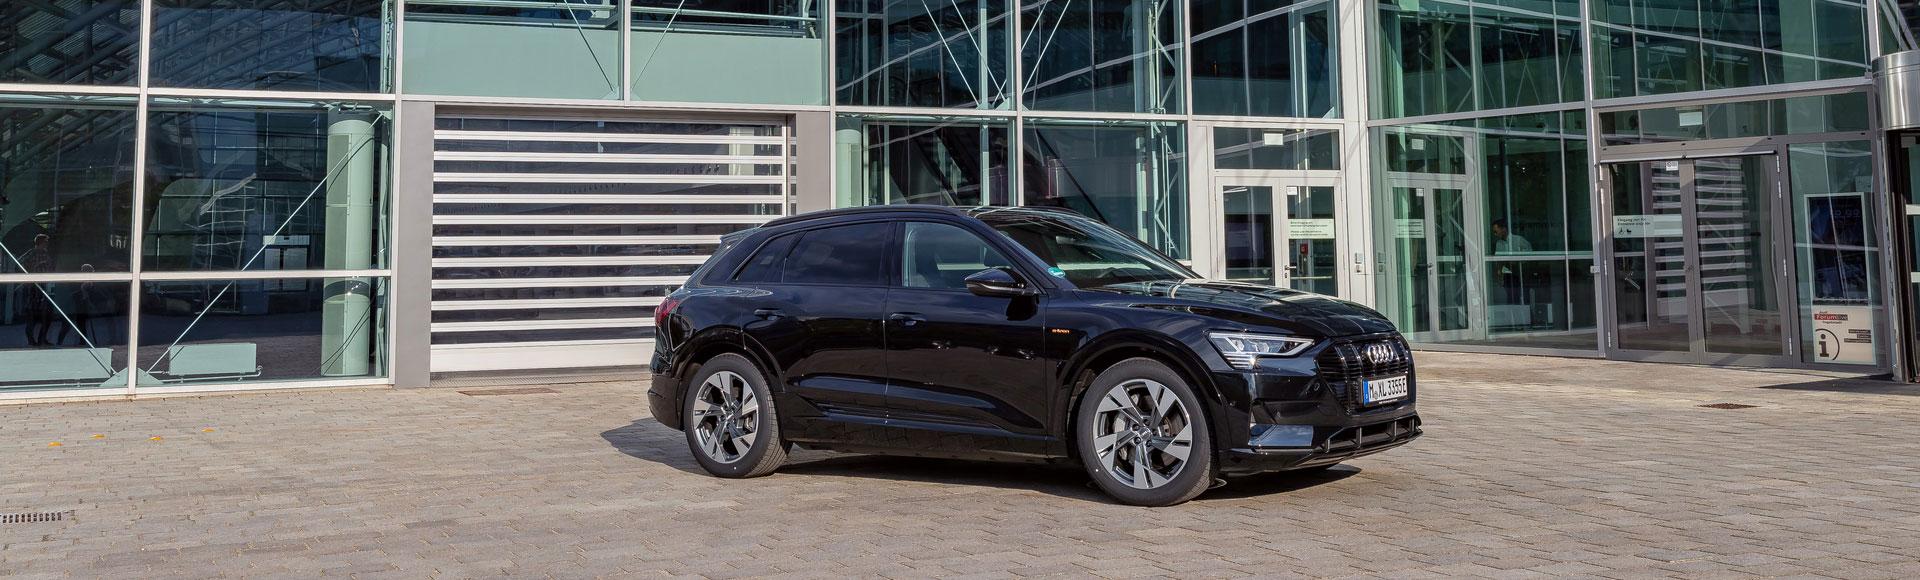 Audi e tron 2019 Spring Sommer 0910